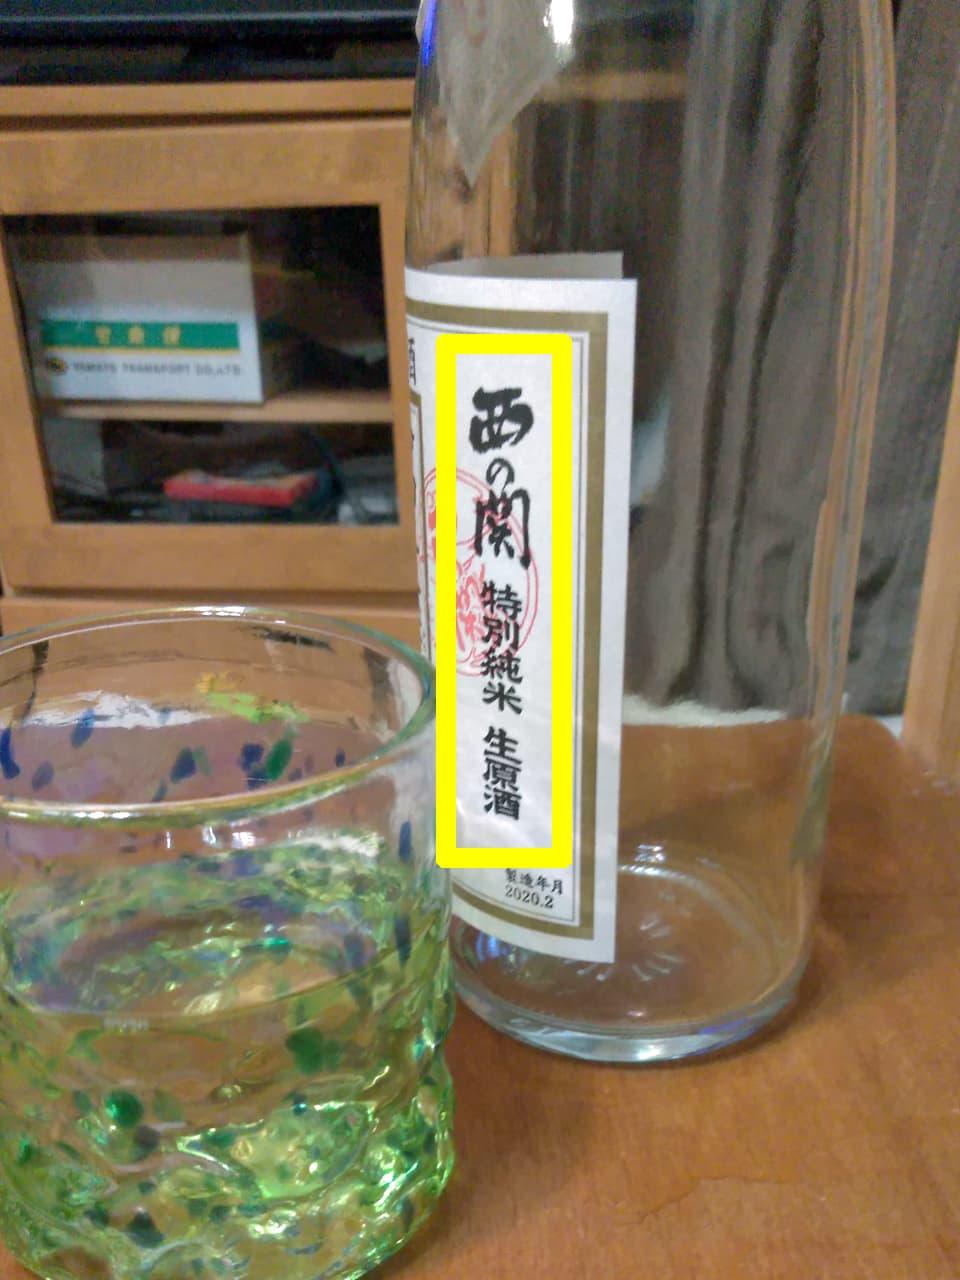 コップに入ったお酒とボトルの写真